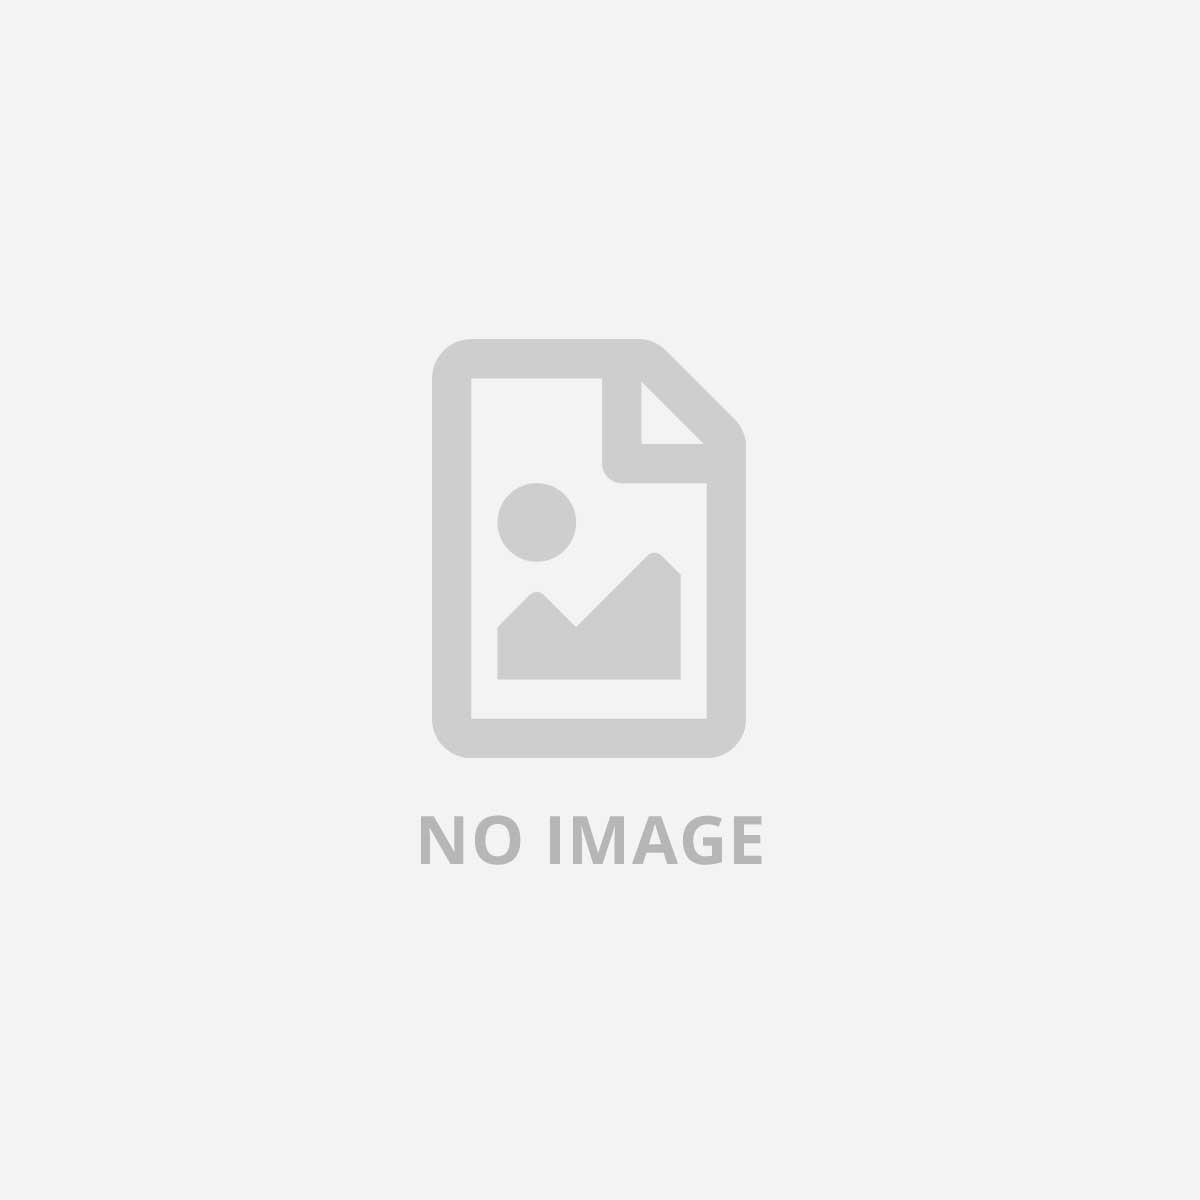 STARTECH SCHEDA PCI EXPRESS USB 3.0